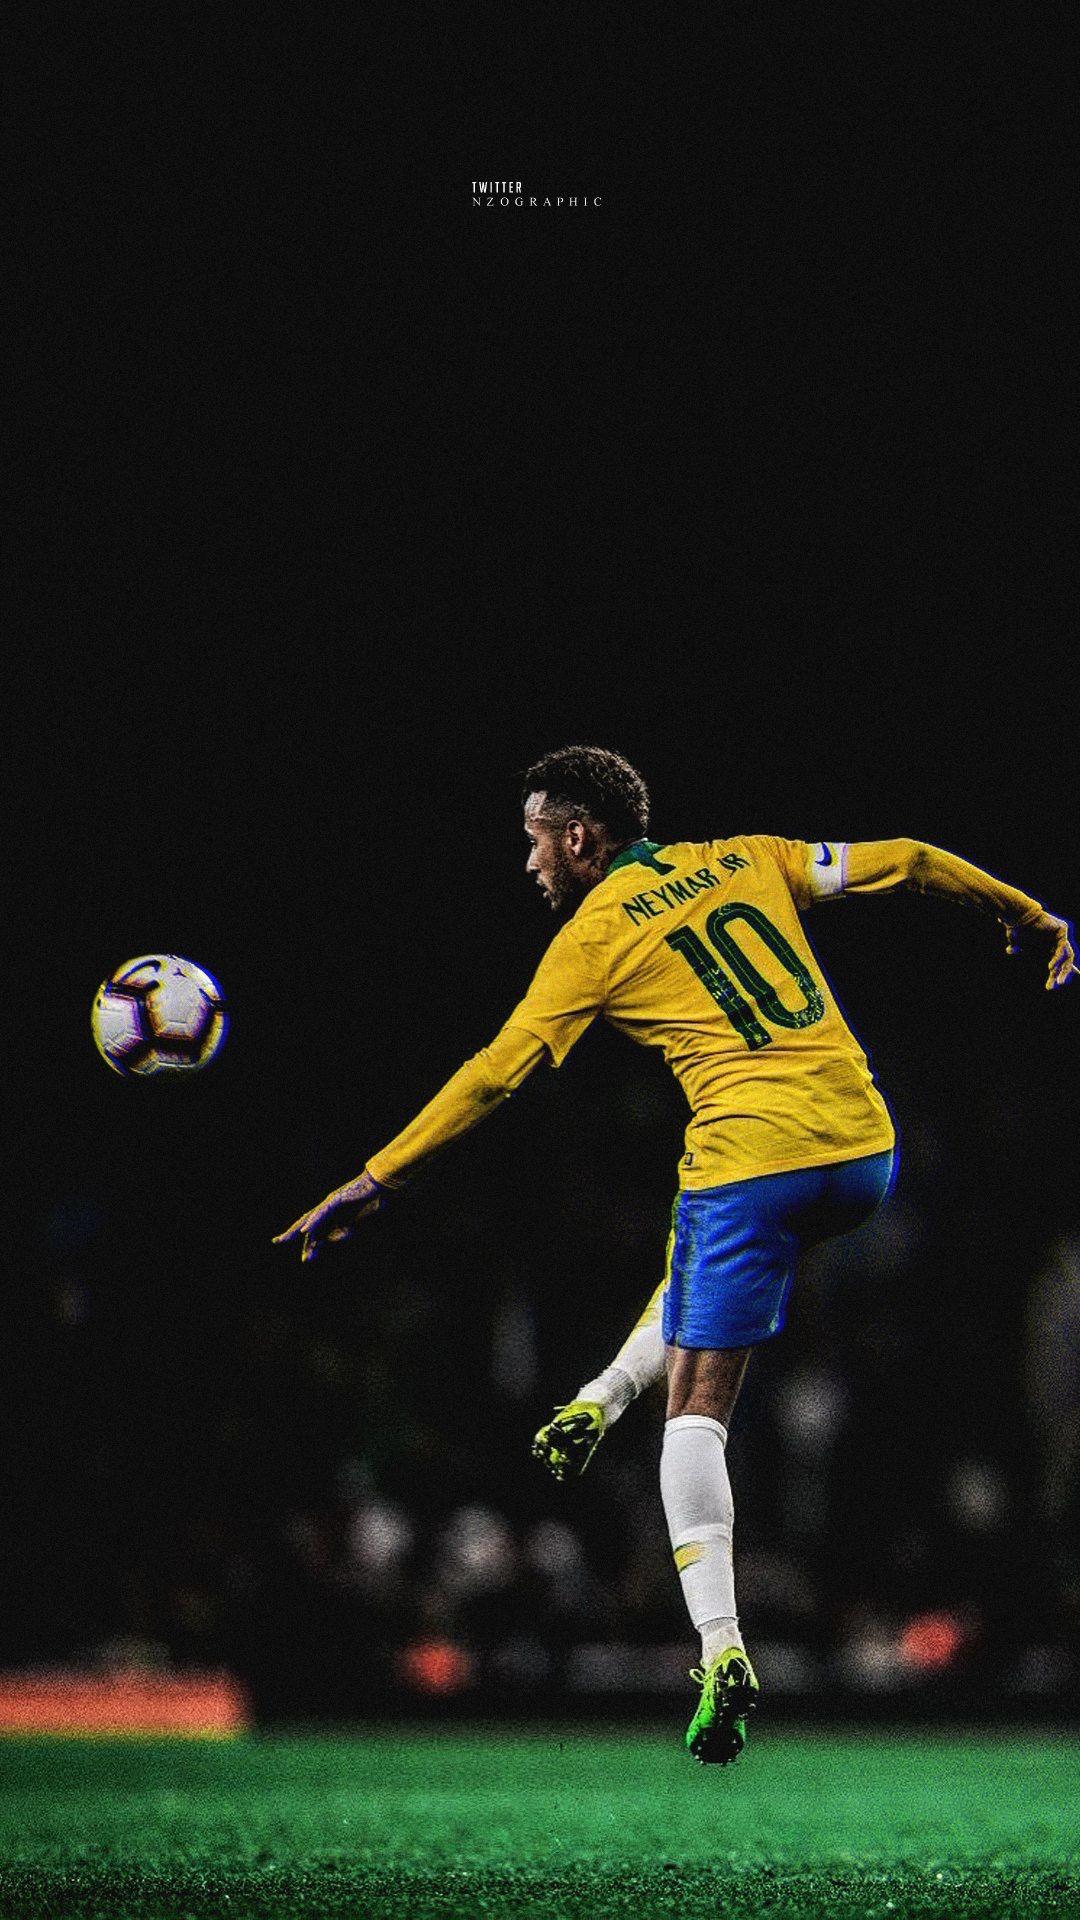 Pin De Sai Prem Em Sports Wallpapers Futebol Neymar Futebol Fotos Imagens De Futebol